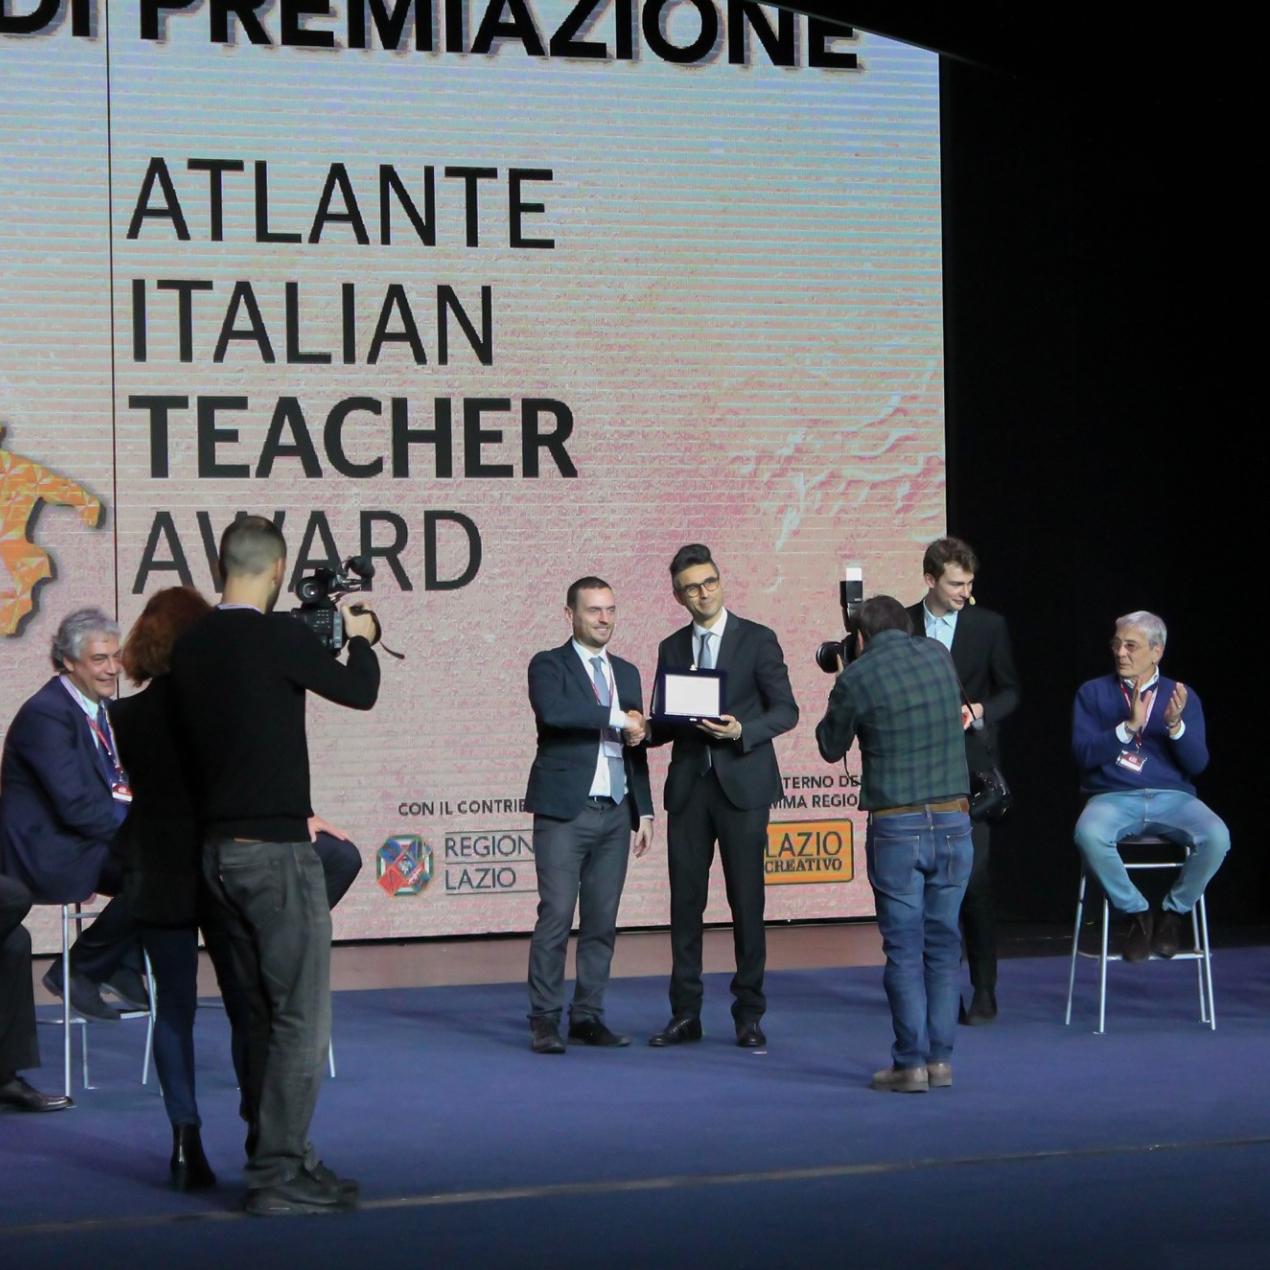 premiazione_atlante_7